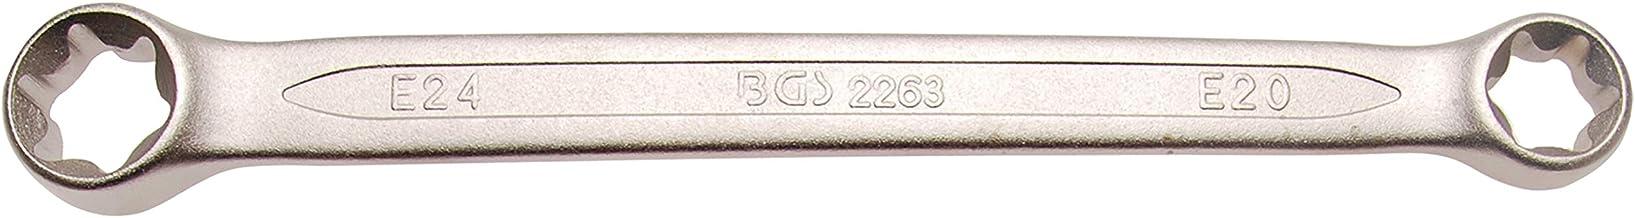 Facom 464TX.6X8 LLAVE CON TRINQUETE TORX E6 X E8